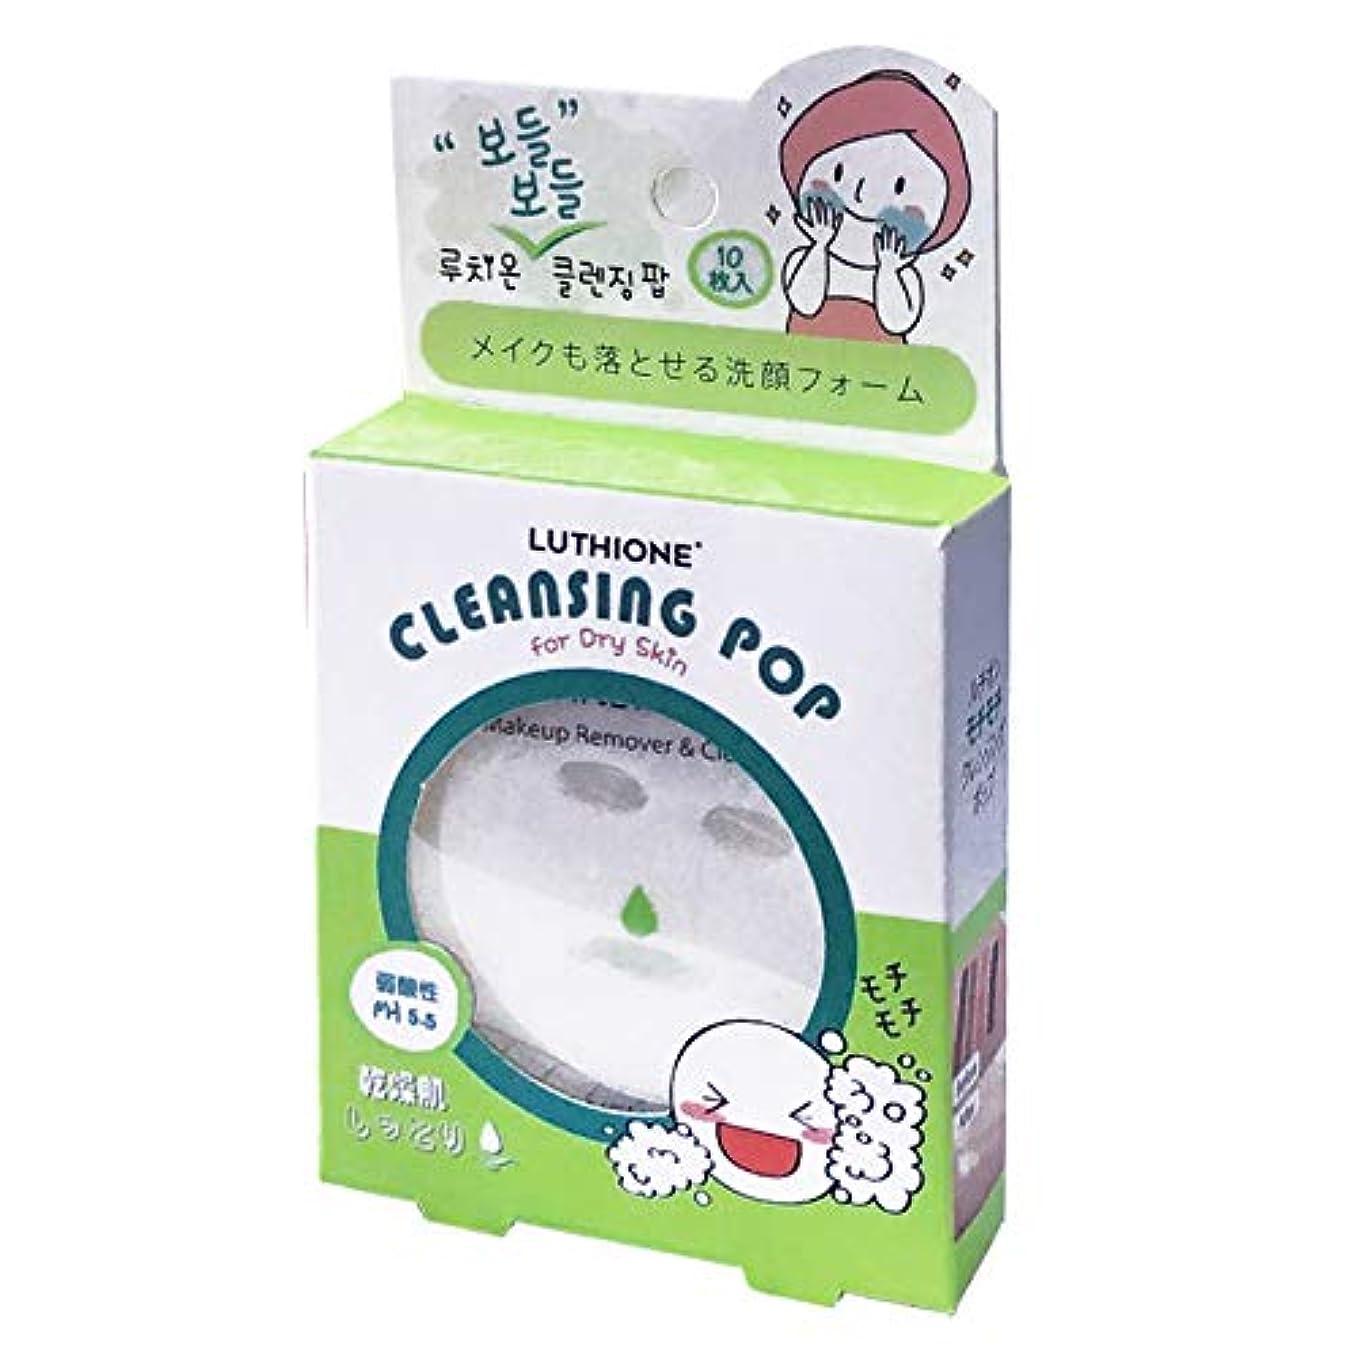 怪しい追加する緩む【まとめ買い】ルチオン クレンジングポップ (LUTHIONE CLEANSING POP) 乾燥肌 10枚入り ×6個